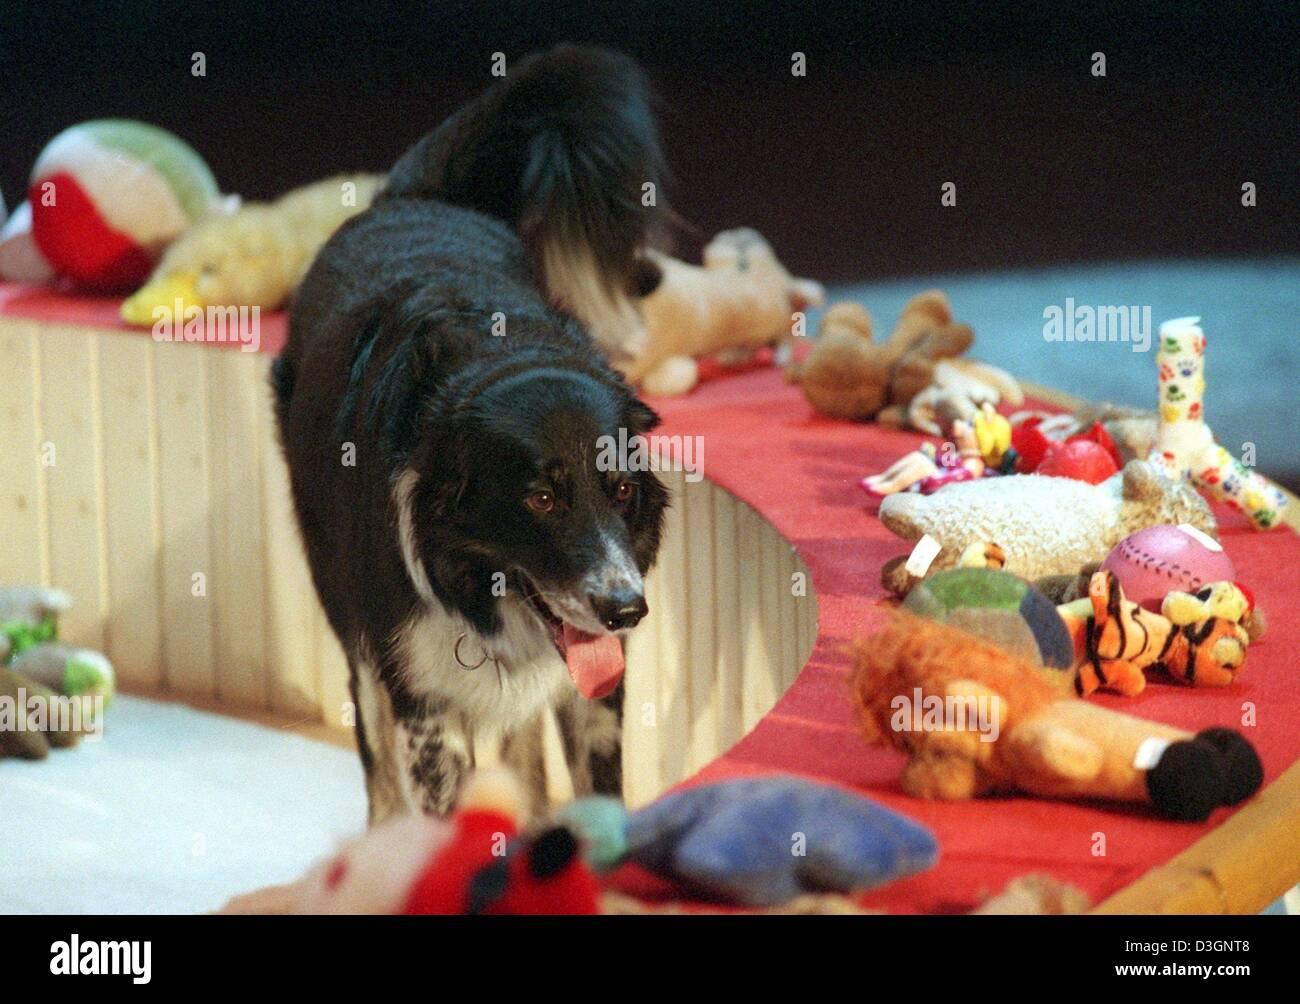 (Afp) - Dog Rico une ligne de peluches au cours de l'émission de jeu allemand 'Wetten, dass...?' Photo Stock